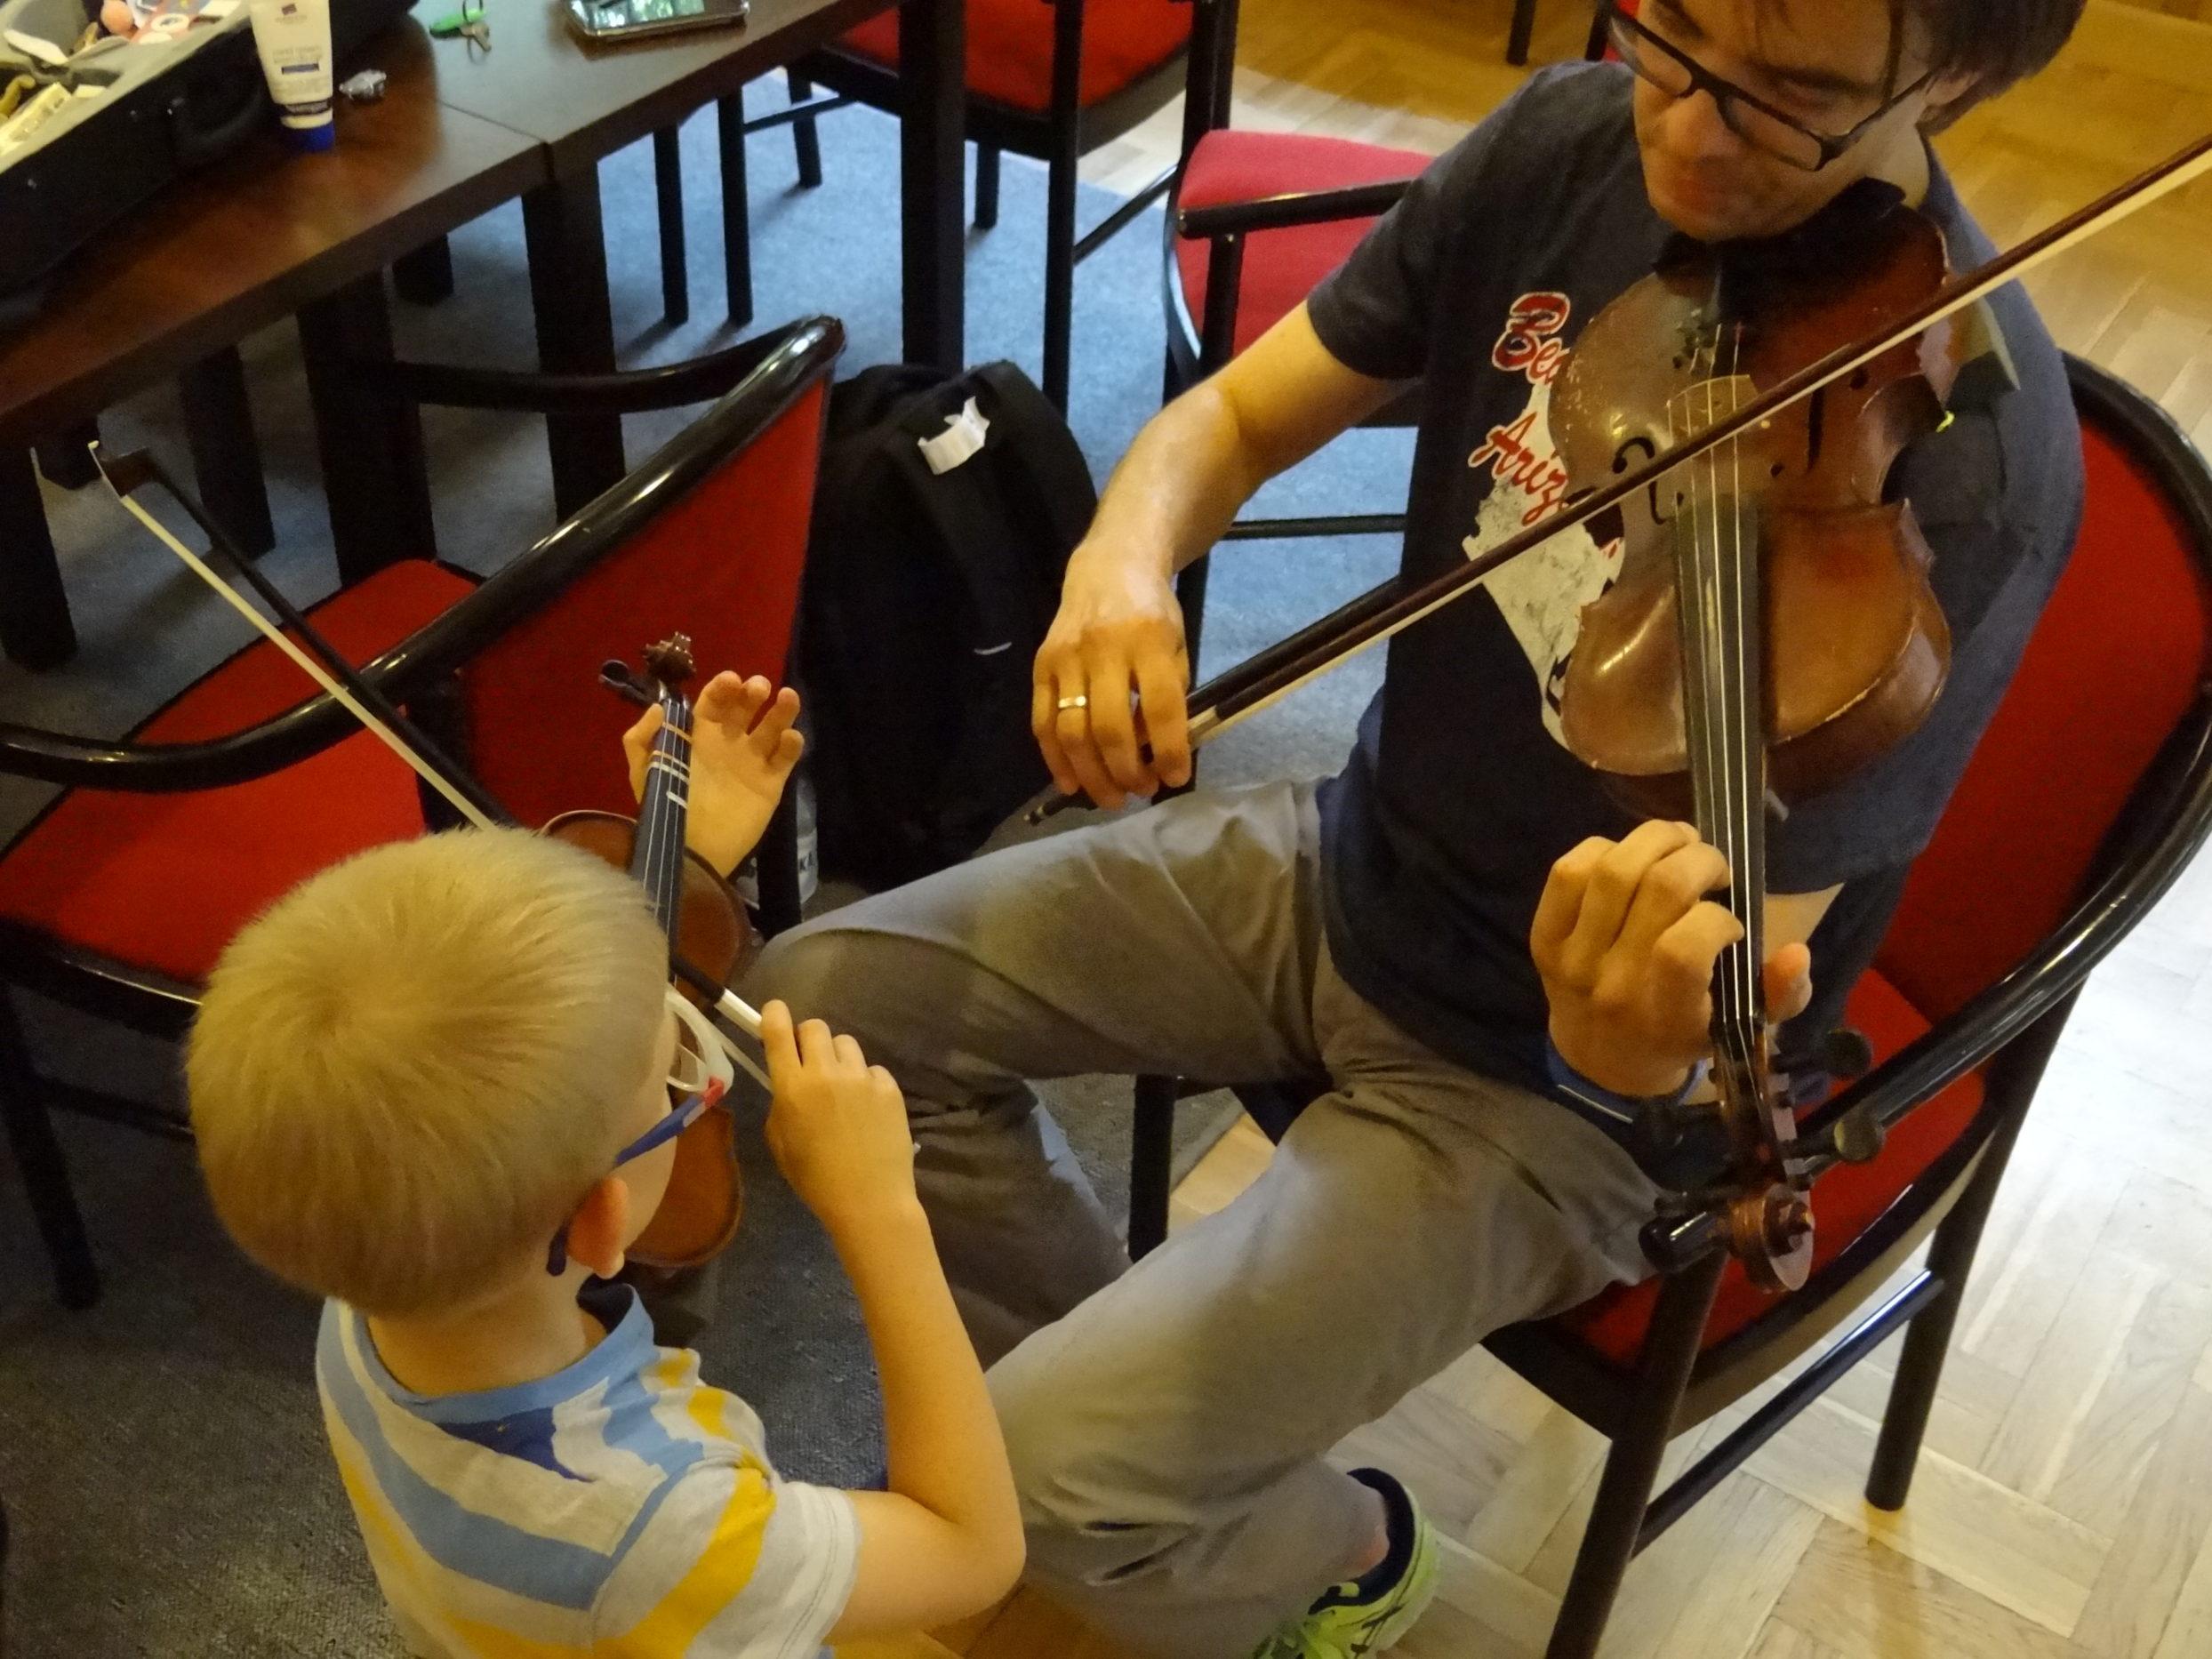 uczeń i nauczyciel wspólnie grają na skrzypcach